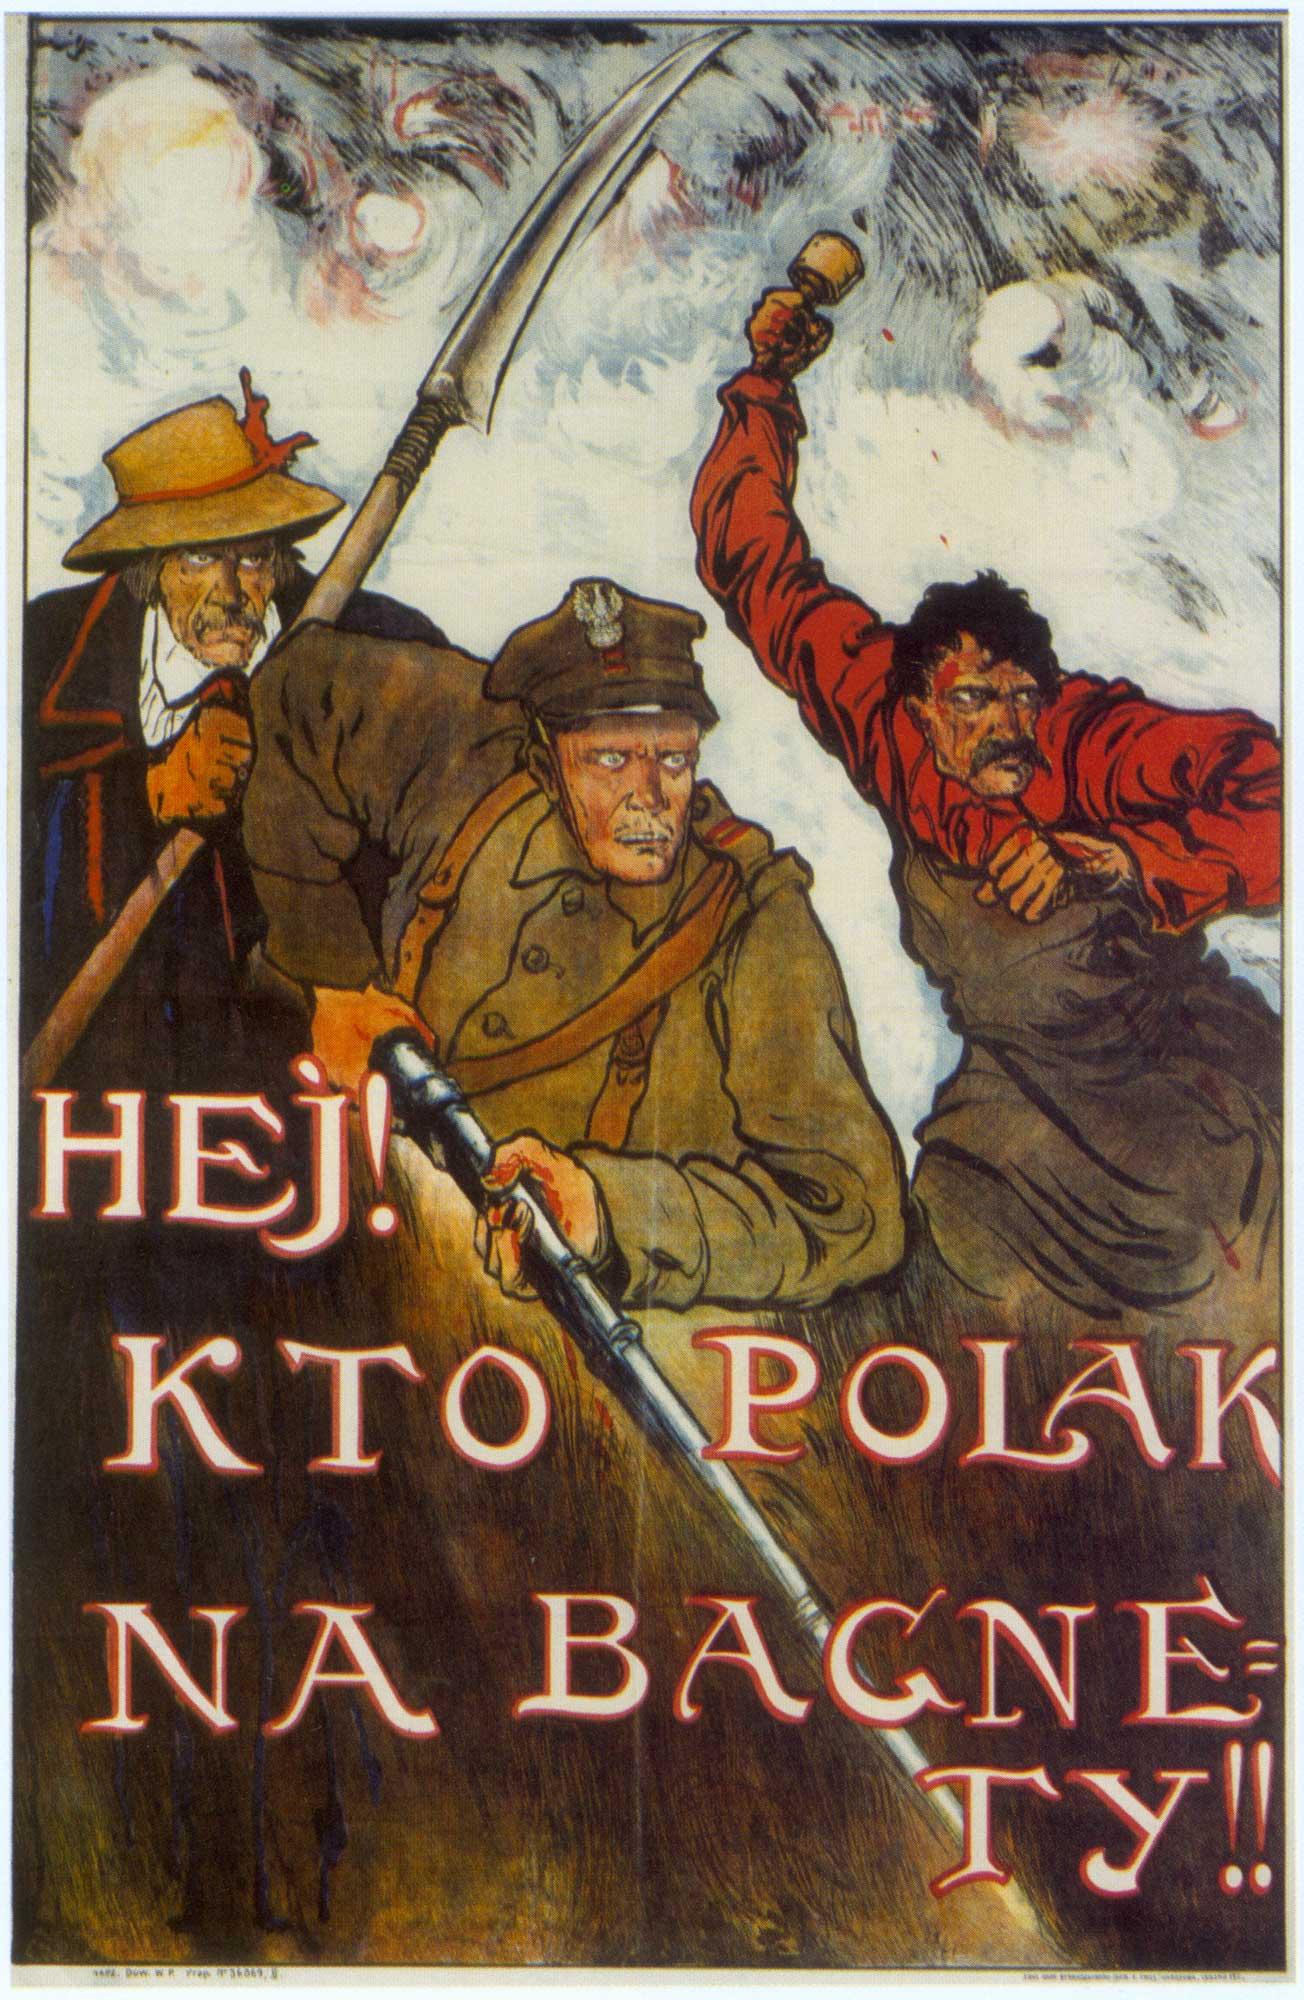 Кваснєвський: Буде великою помилкою, якщо польсько-український діалог буде в руках націоналістів. Це допоможе Росії - Цензор.НЕТ 2881